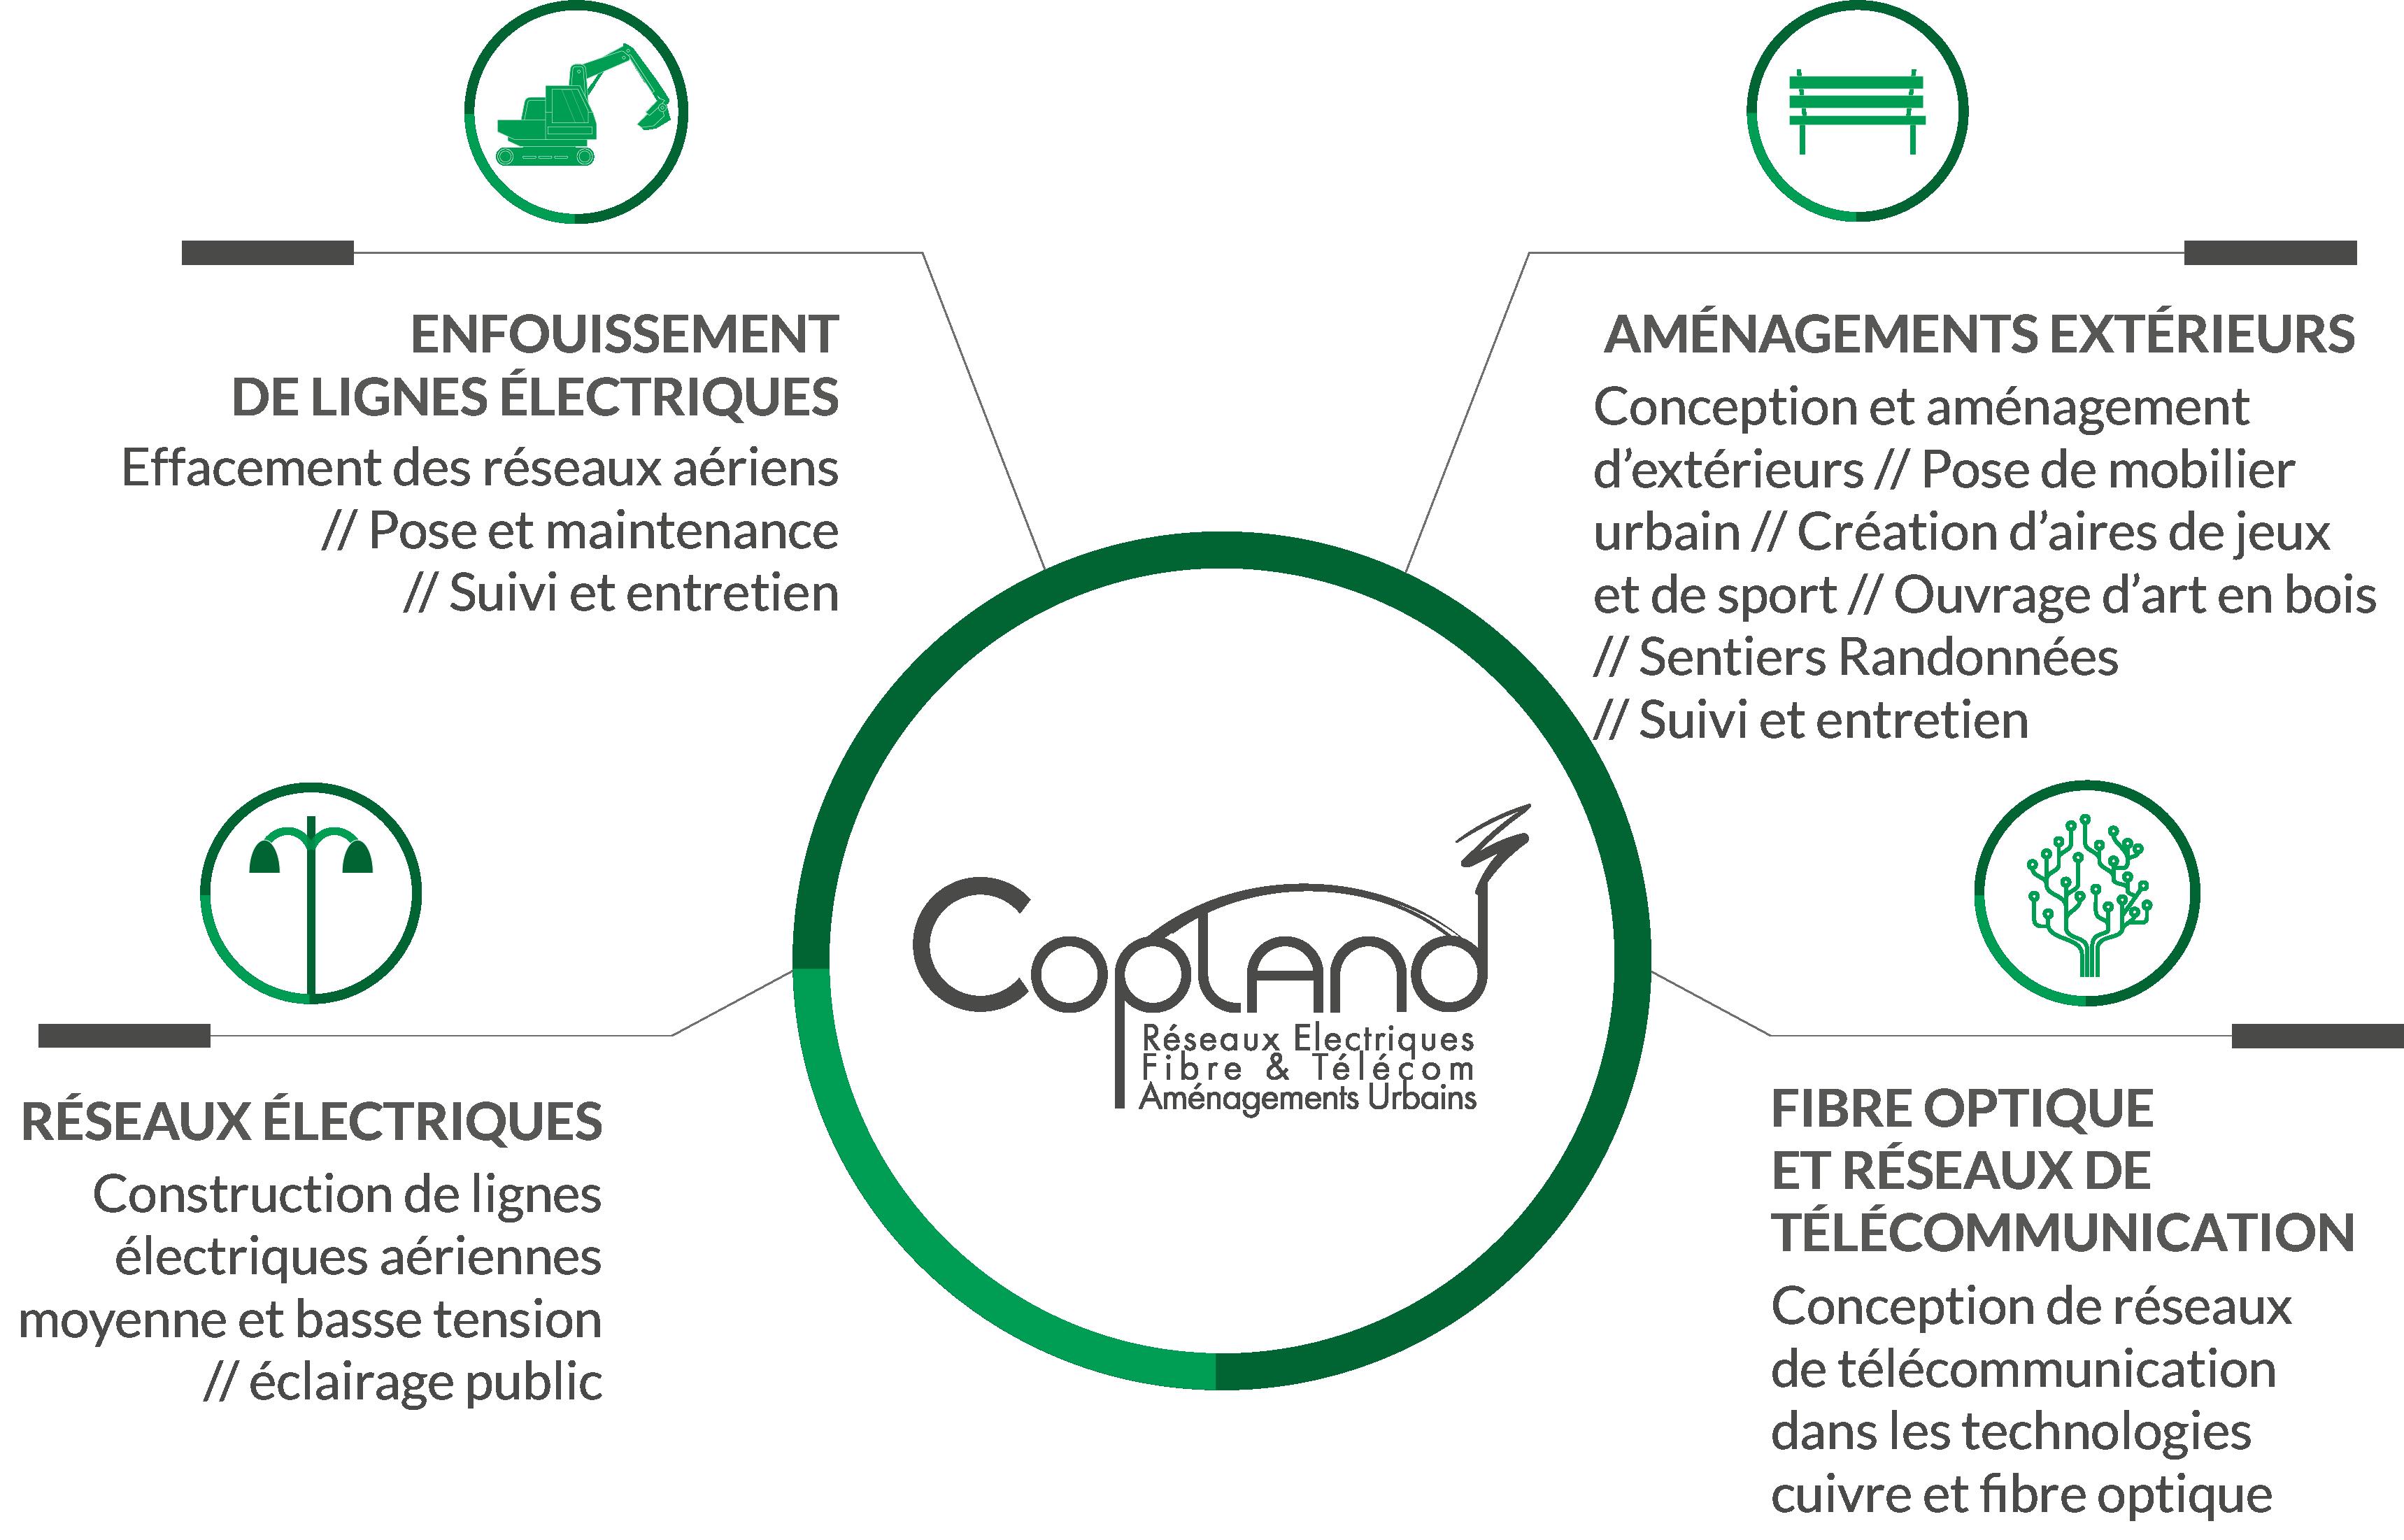 Enfouissement de lignes électriques, aménagements extérieurs, réseaux électriques et fibre optique et réseaux de télécommunication